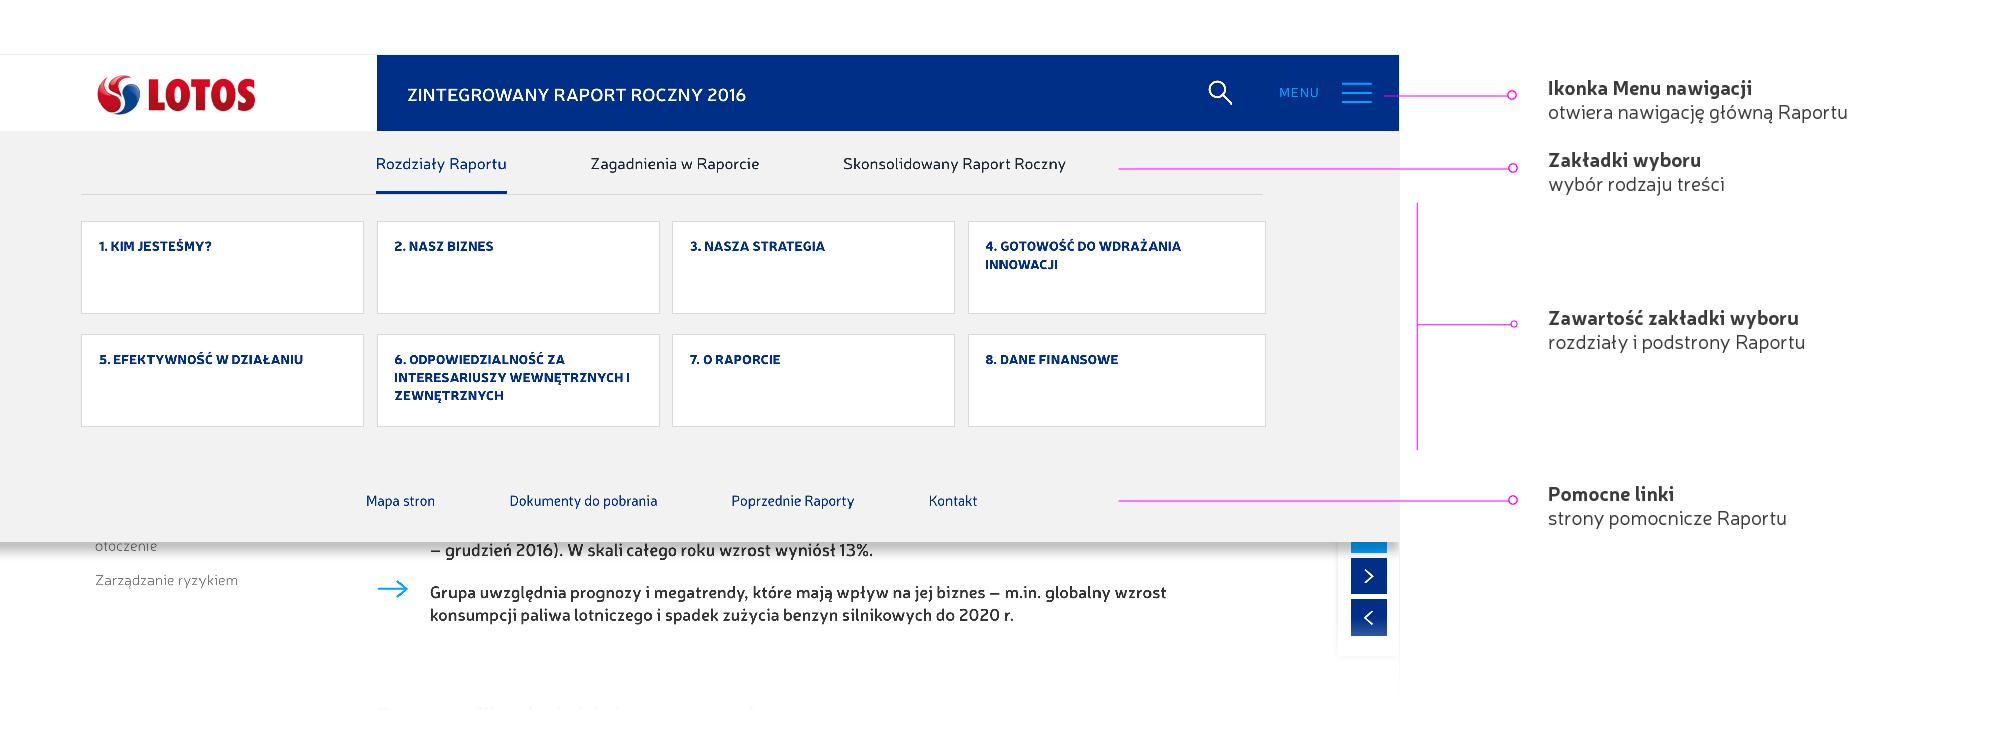 zrzut ekranu - nawigacja główna, otwarte menu